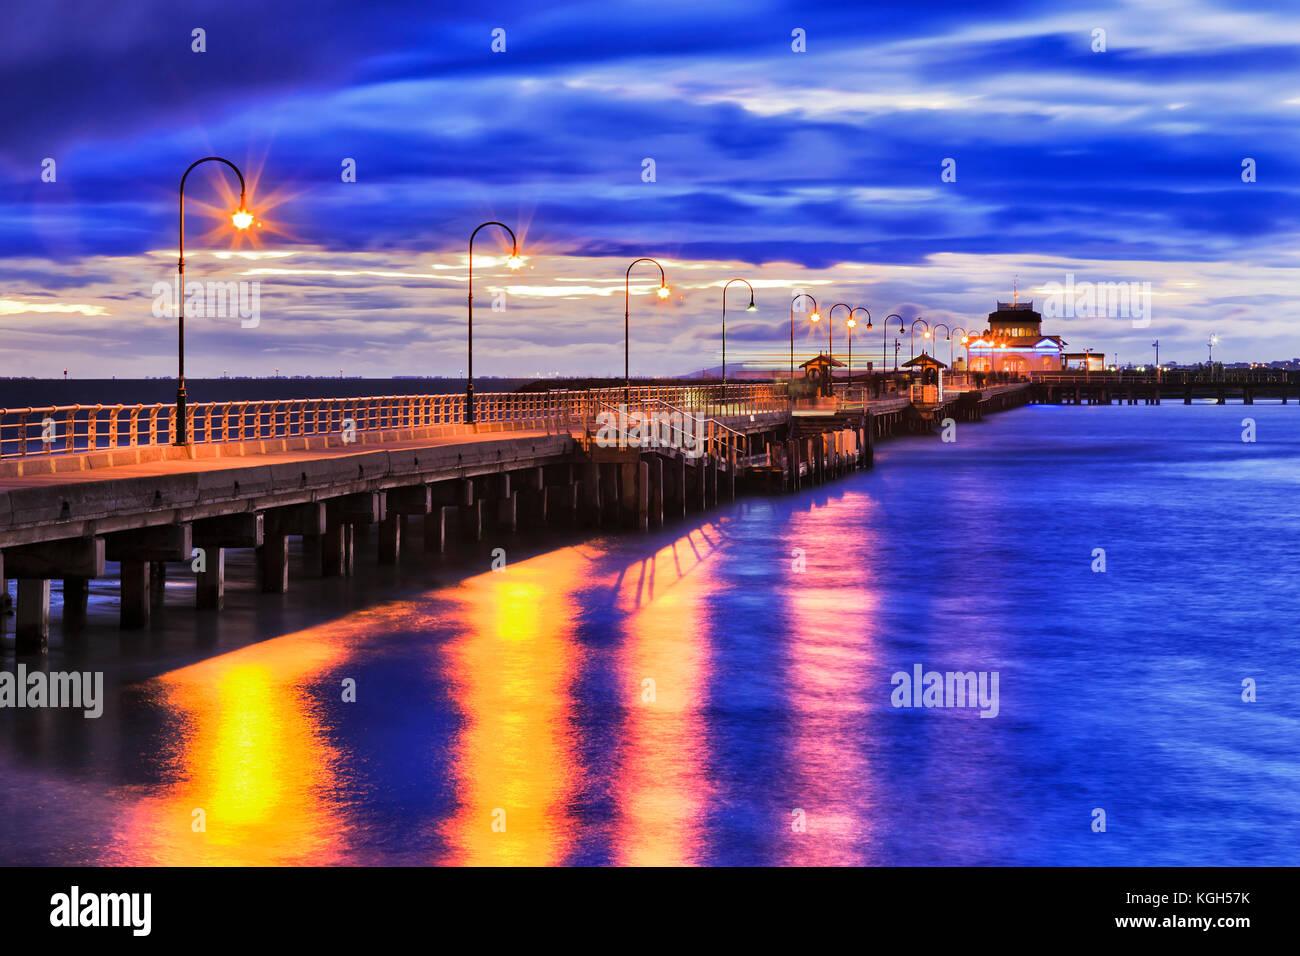 Stürmische Sonnenuntergang am Port Philip Bay um St Kilda Strand historischen Fachwerkhäuser Bootsanleger Stockbild